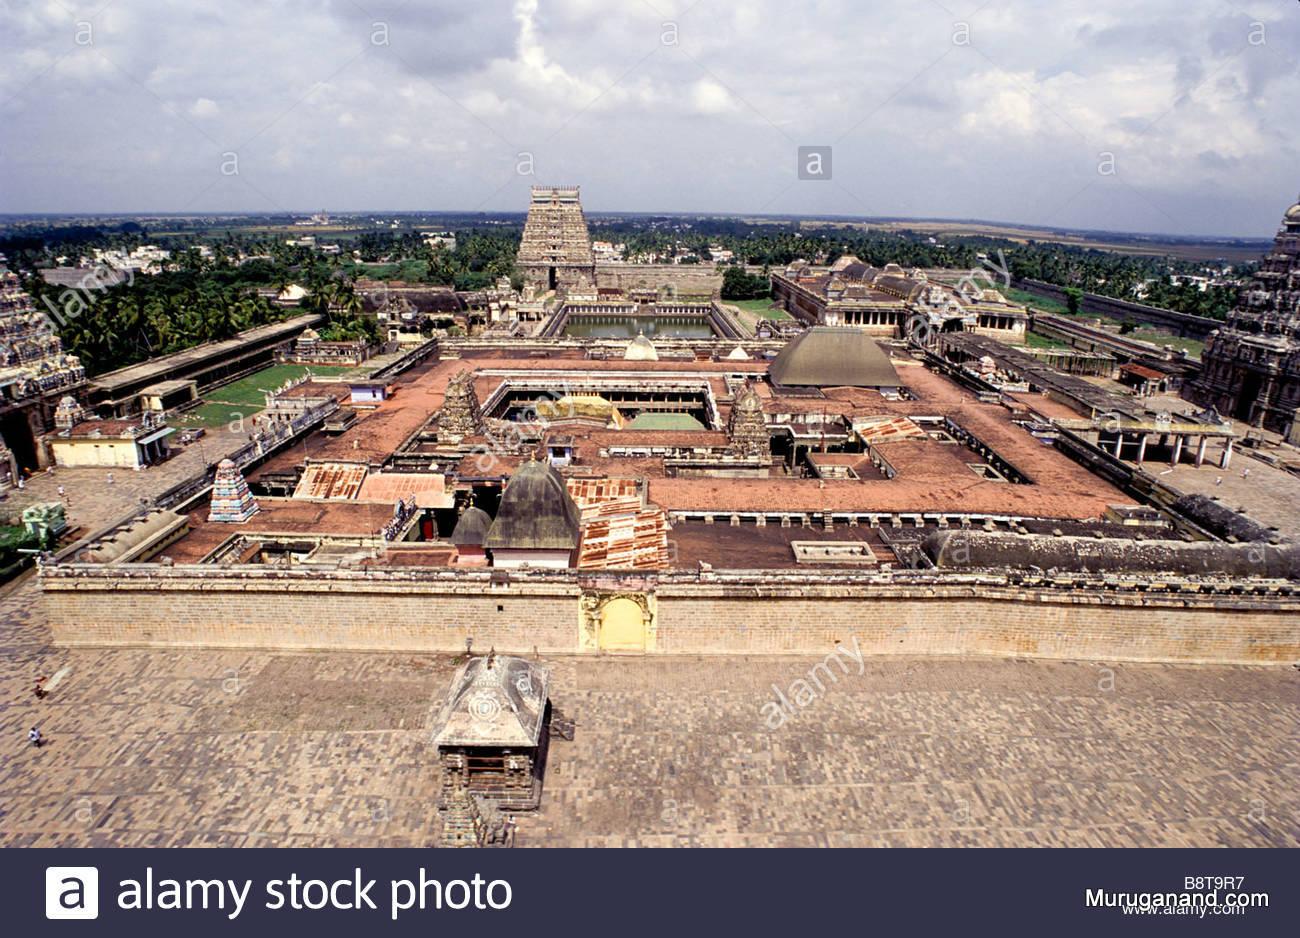 nataraja-temple-in-chidambaram-tamilnadu-B8T9R7